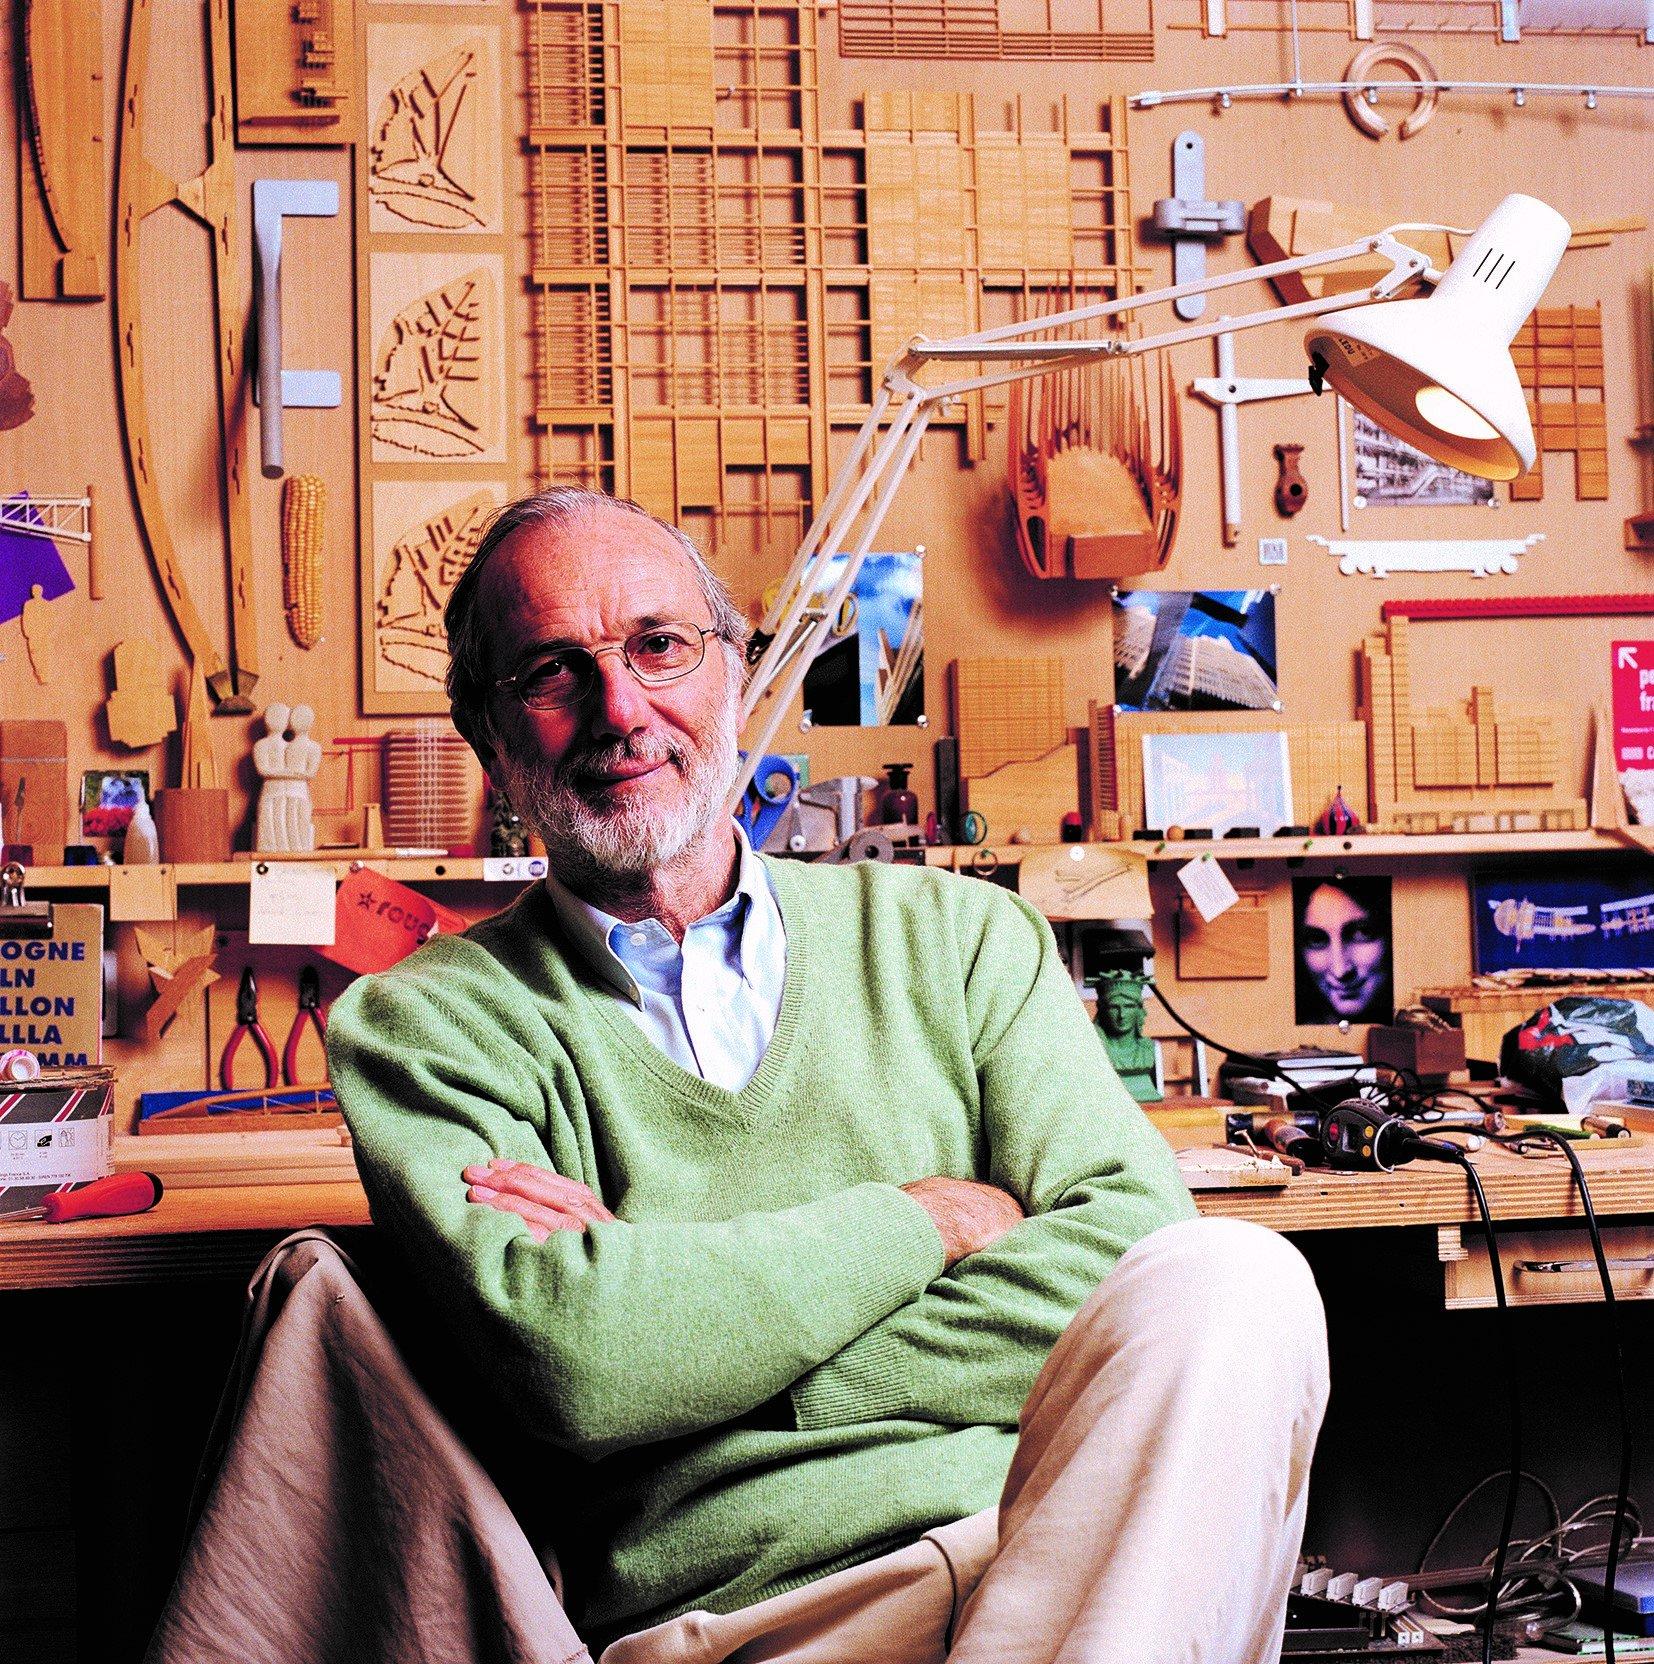 Happy 80th Birthday to The Shard architect, Renzo Piano.